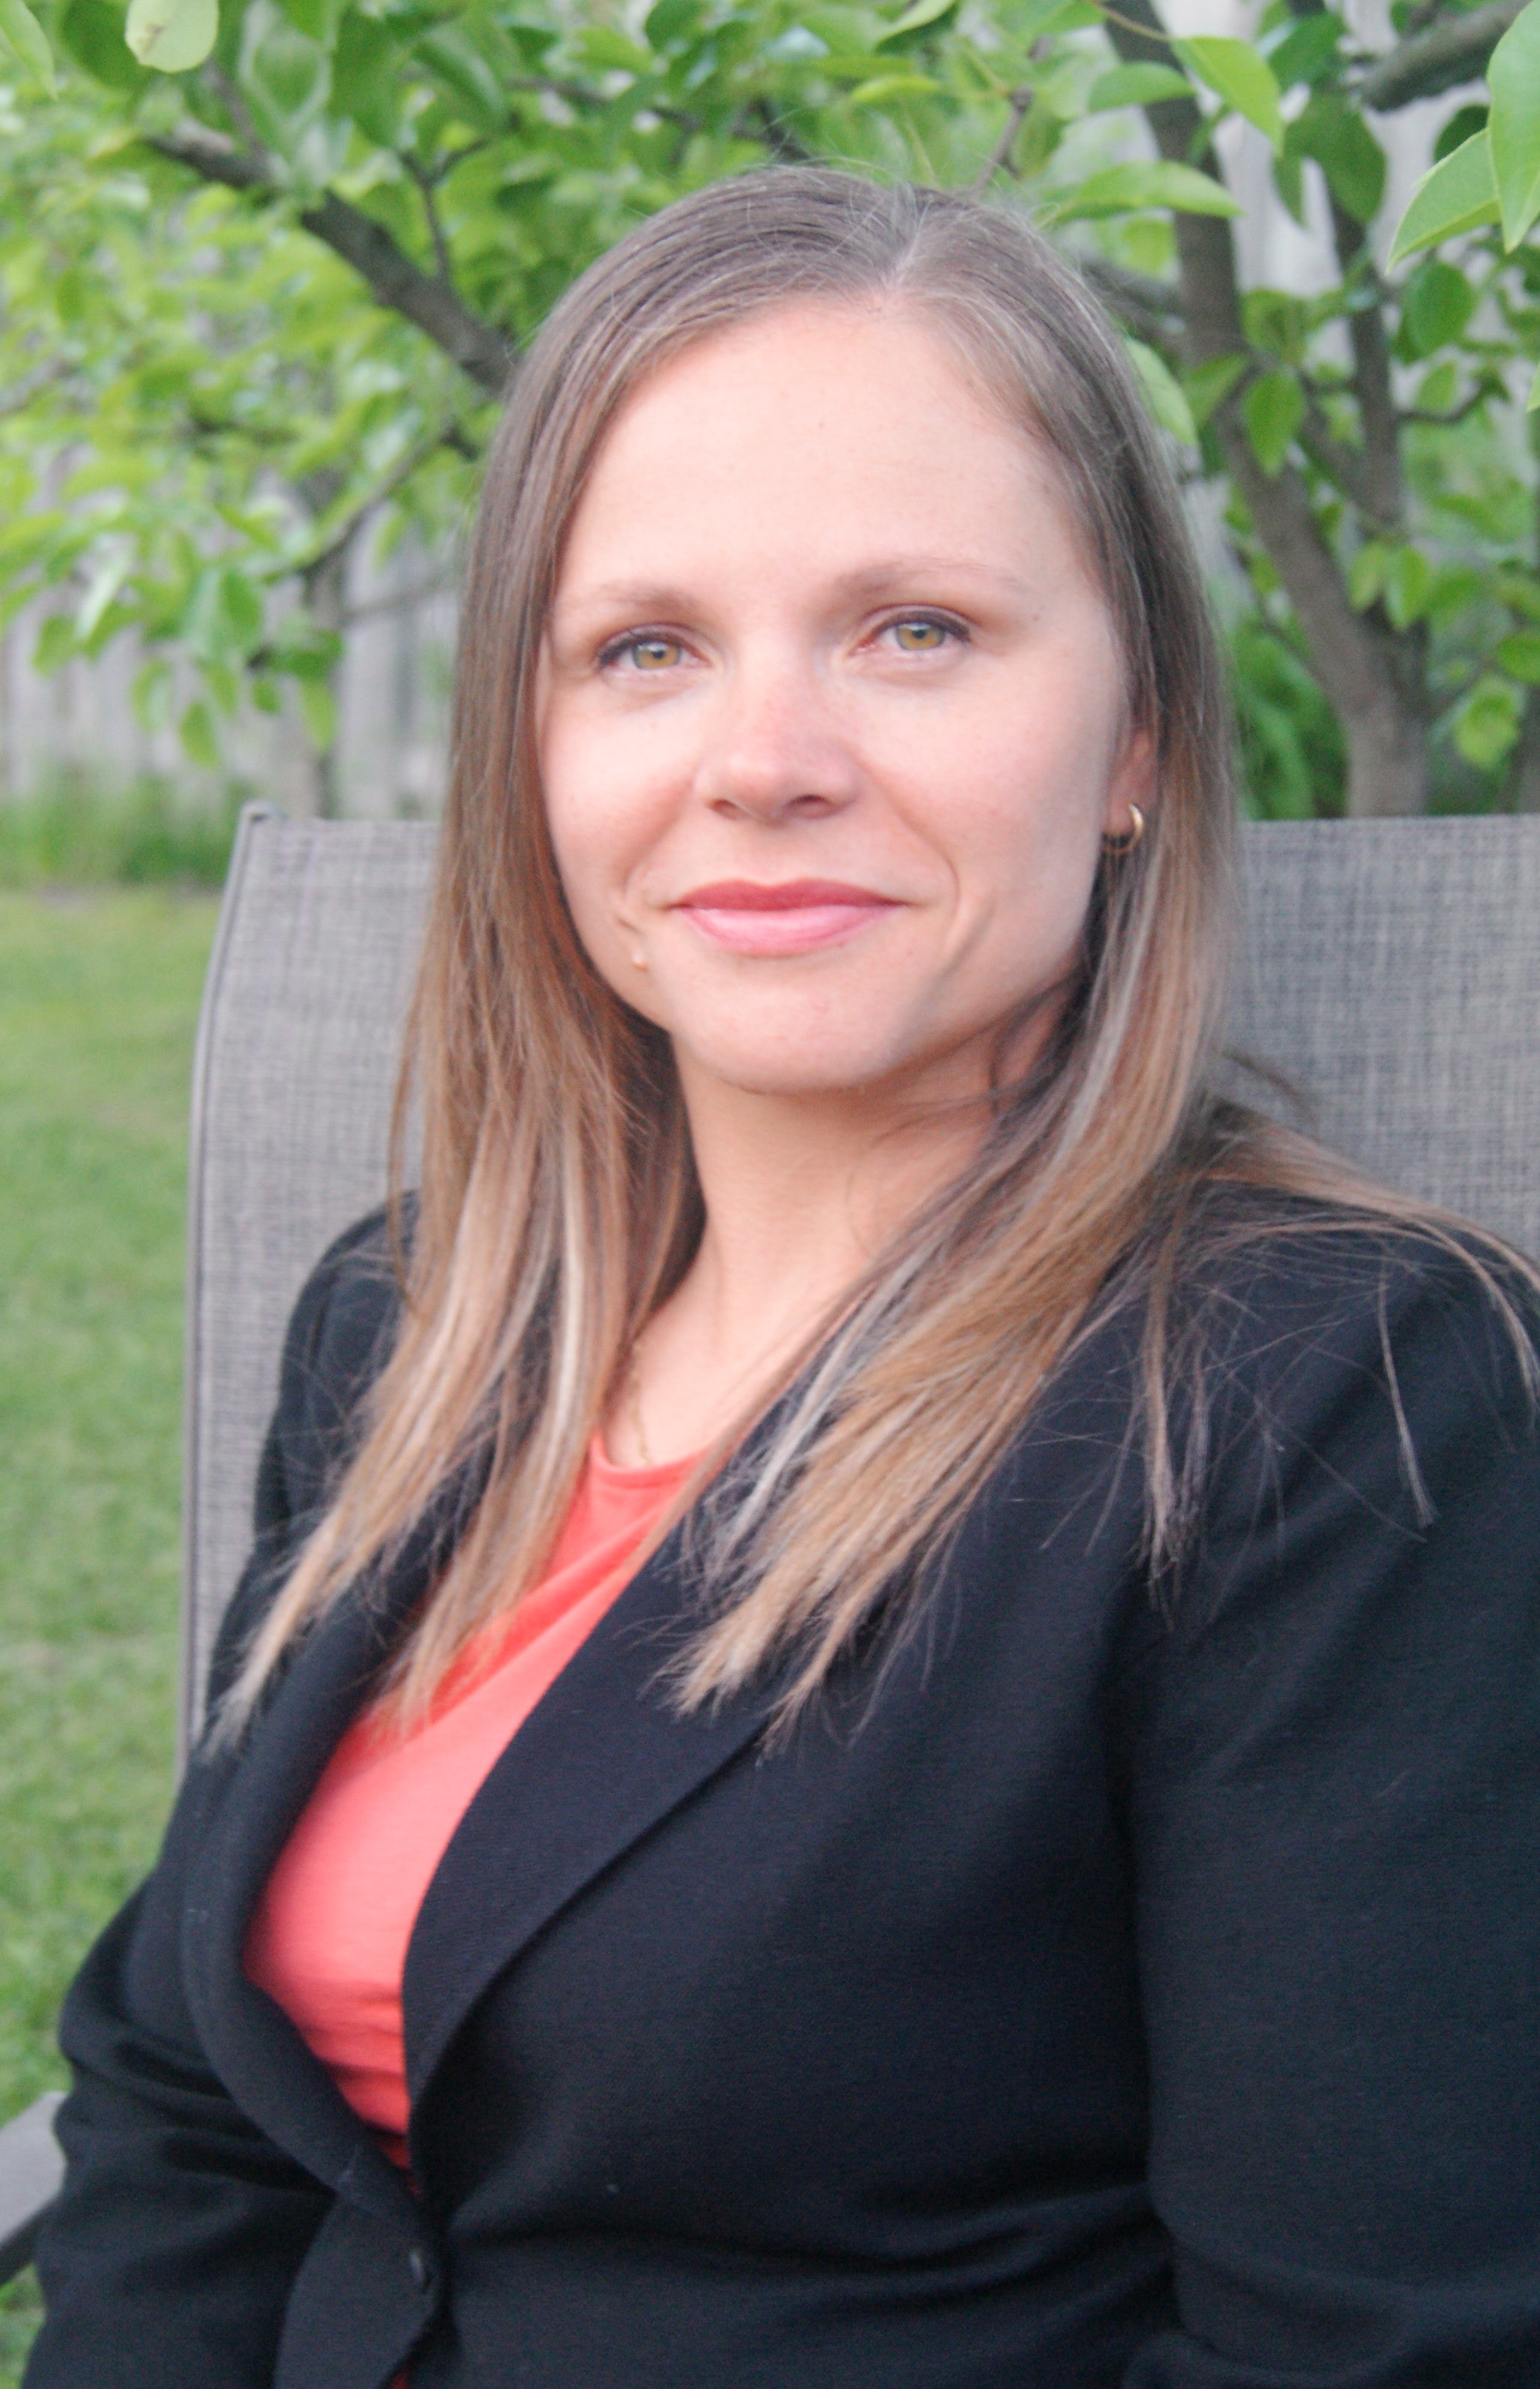 Dagmara Luszczki